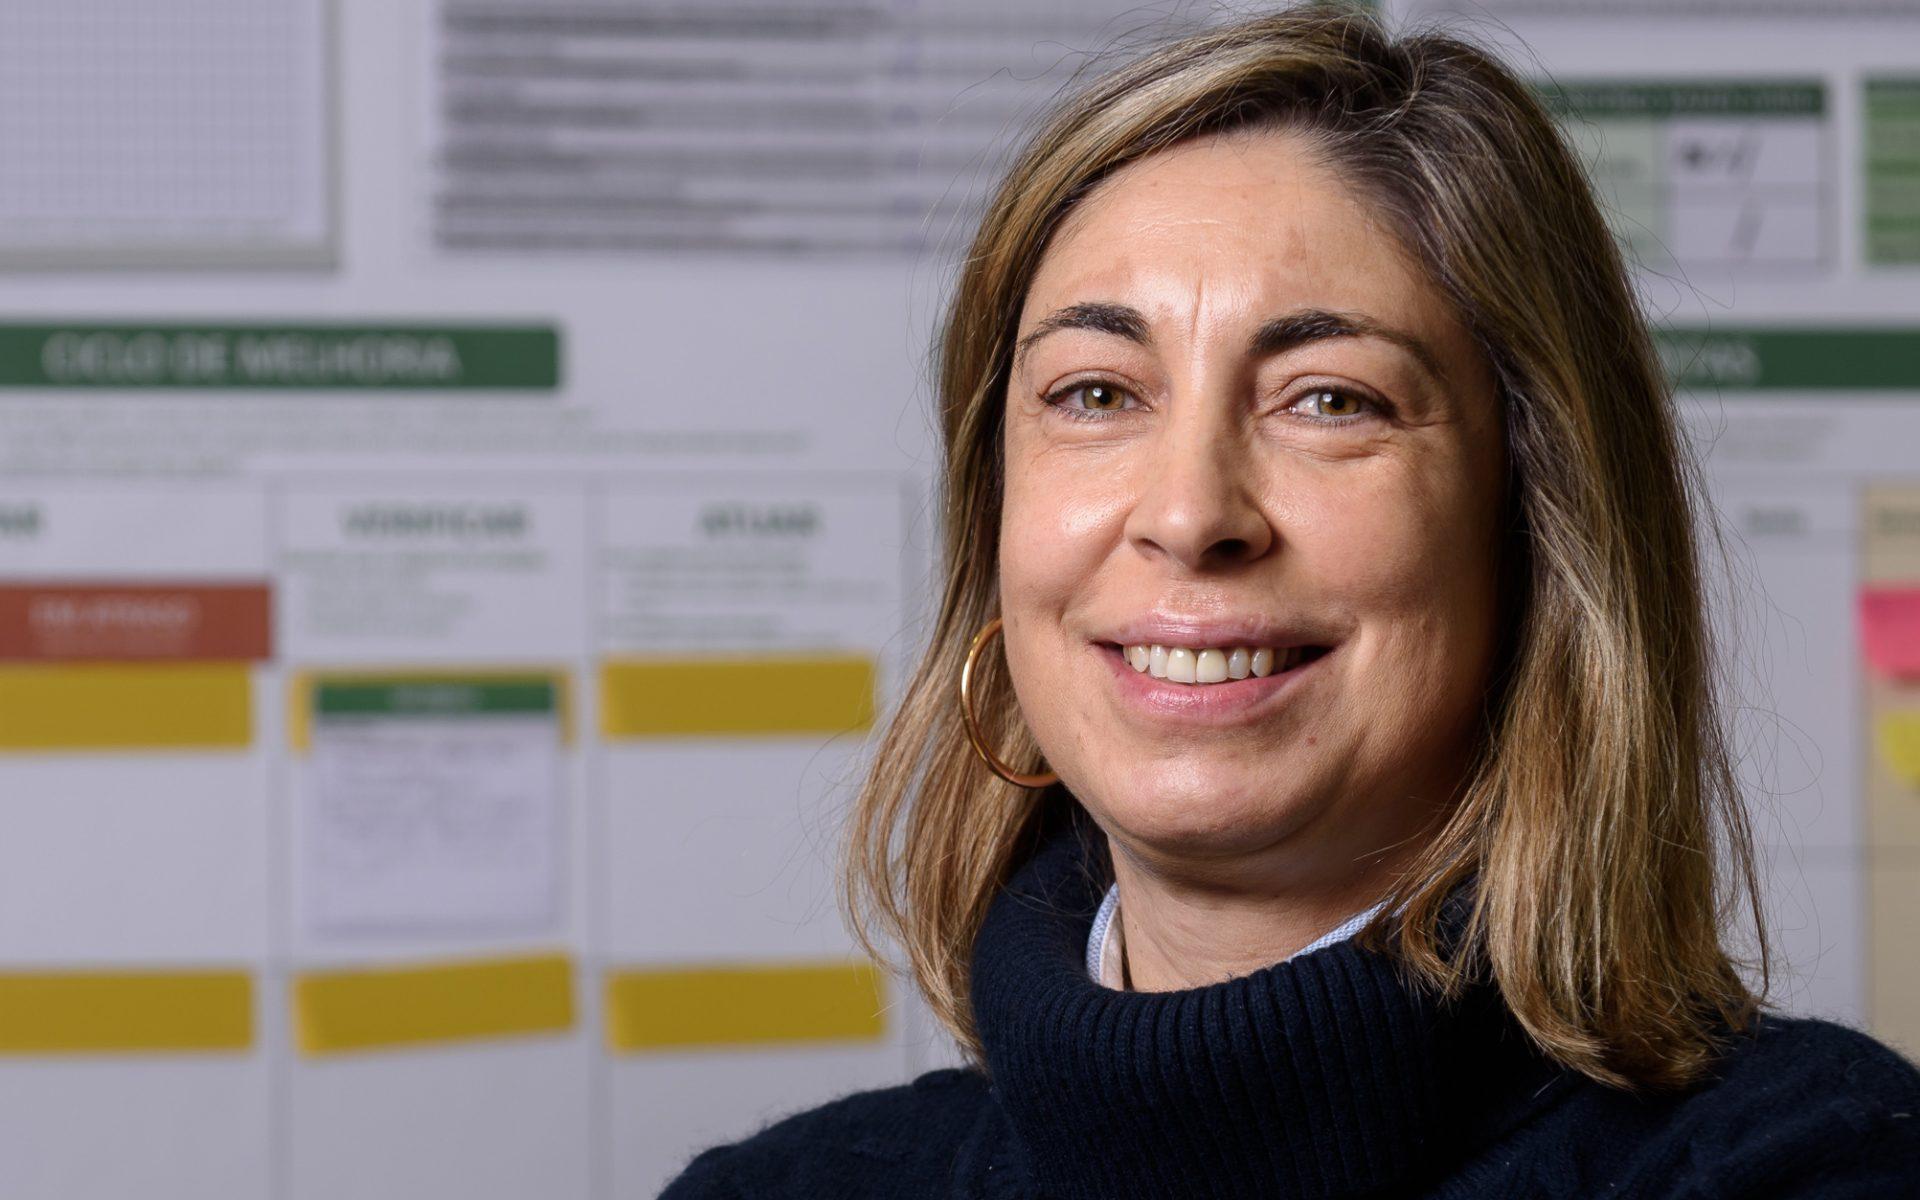 Sofia Jorge, Gestora do departamento de Controlo Técnico e Sistemas de Gestão da Celbi